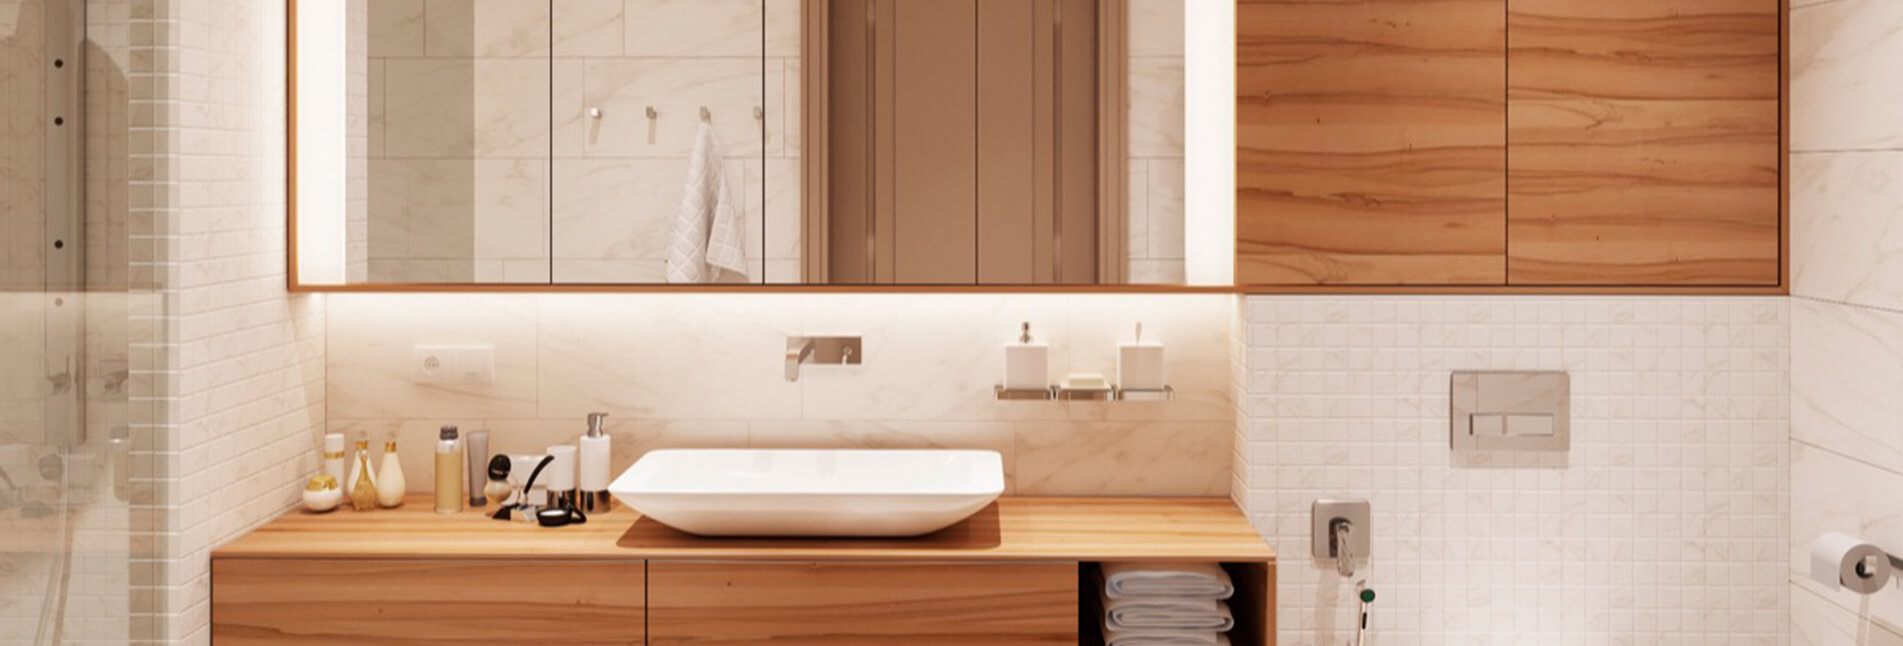 Minimalist-Modern-Bathroom_slider